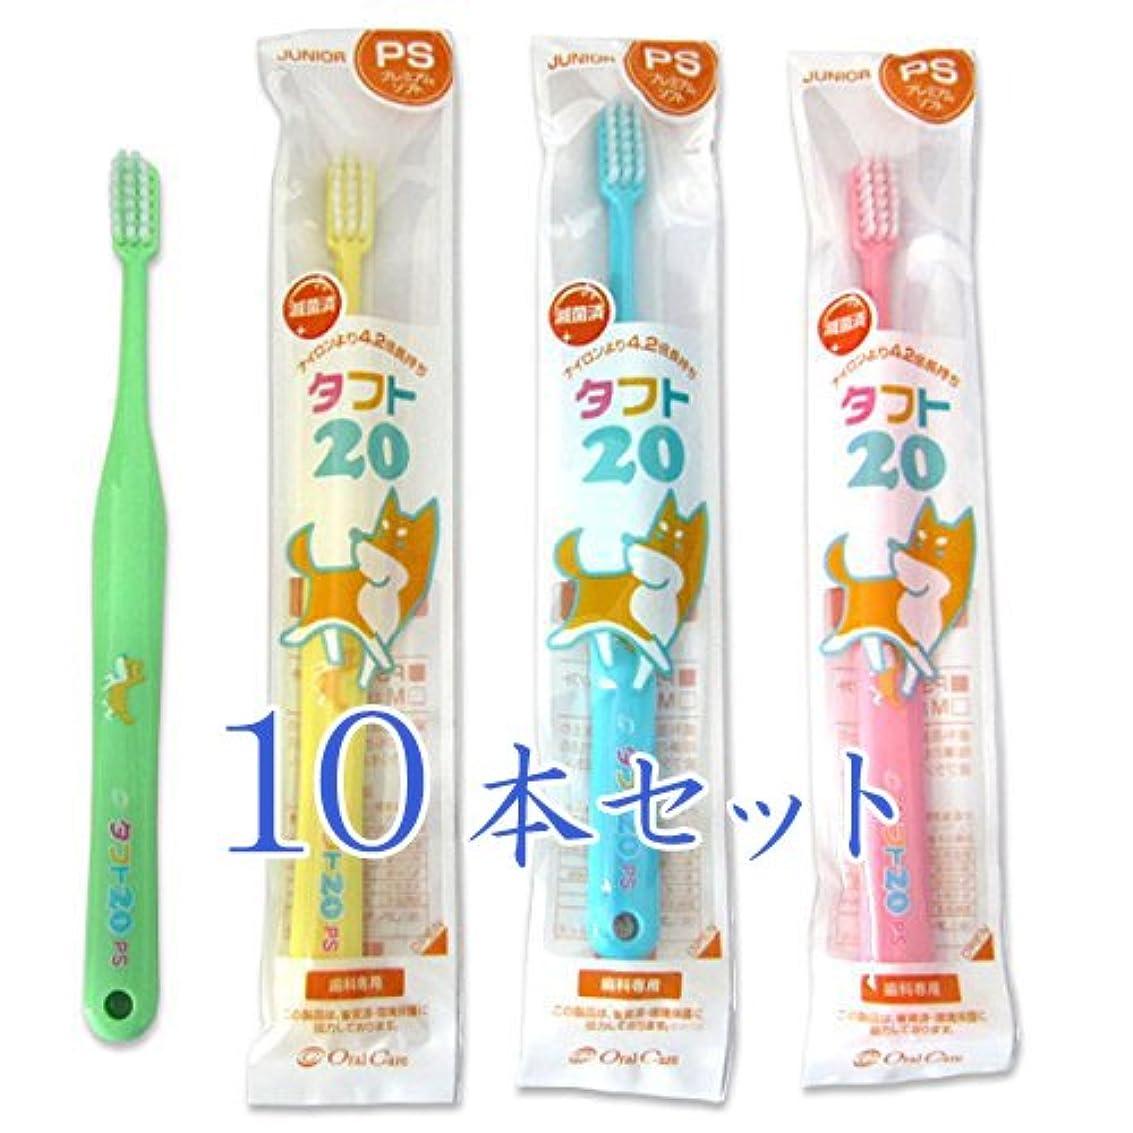 分岐する煩わしい荒れ地タフト20 PS プレミアムソフト 歯ブラシ混合歯列期用(6~12歳)×10本セット